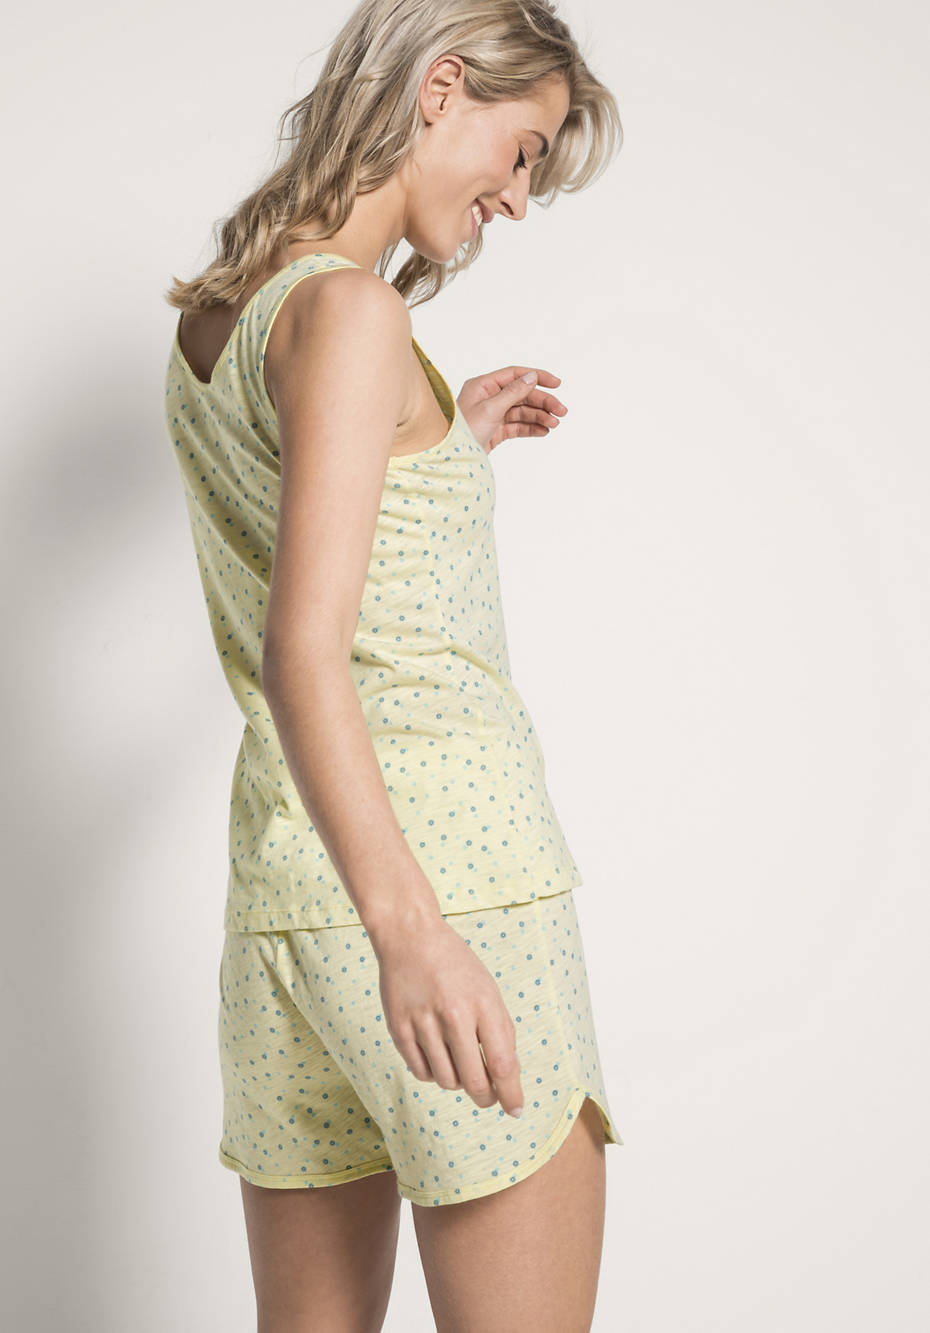 Damen Schlaf-Top aus reiner Bio-Baumwolle